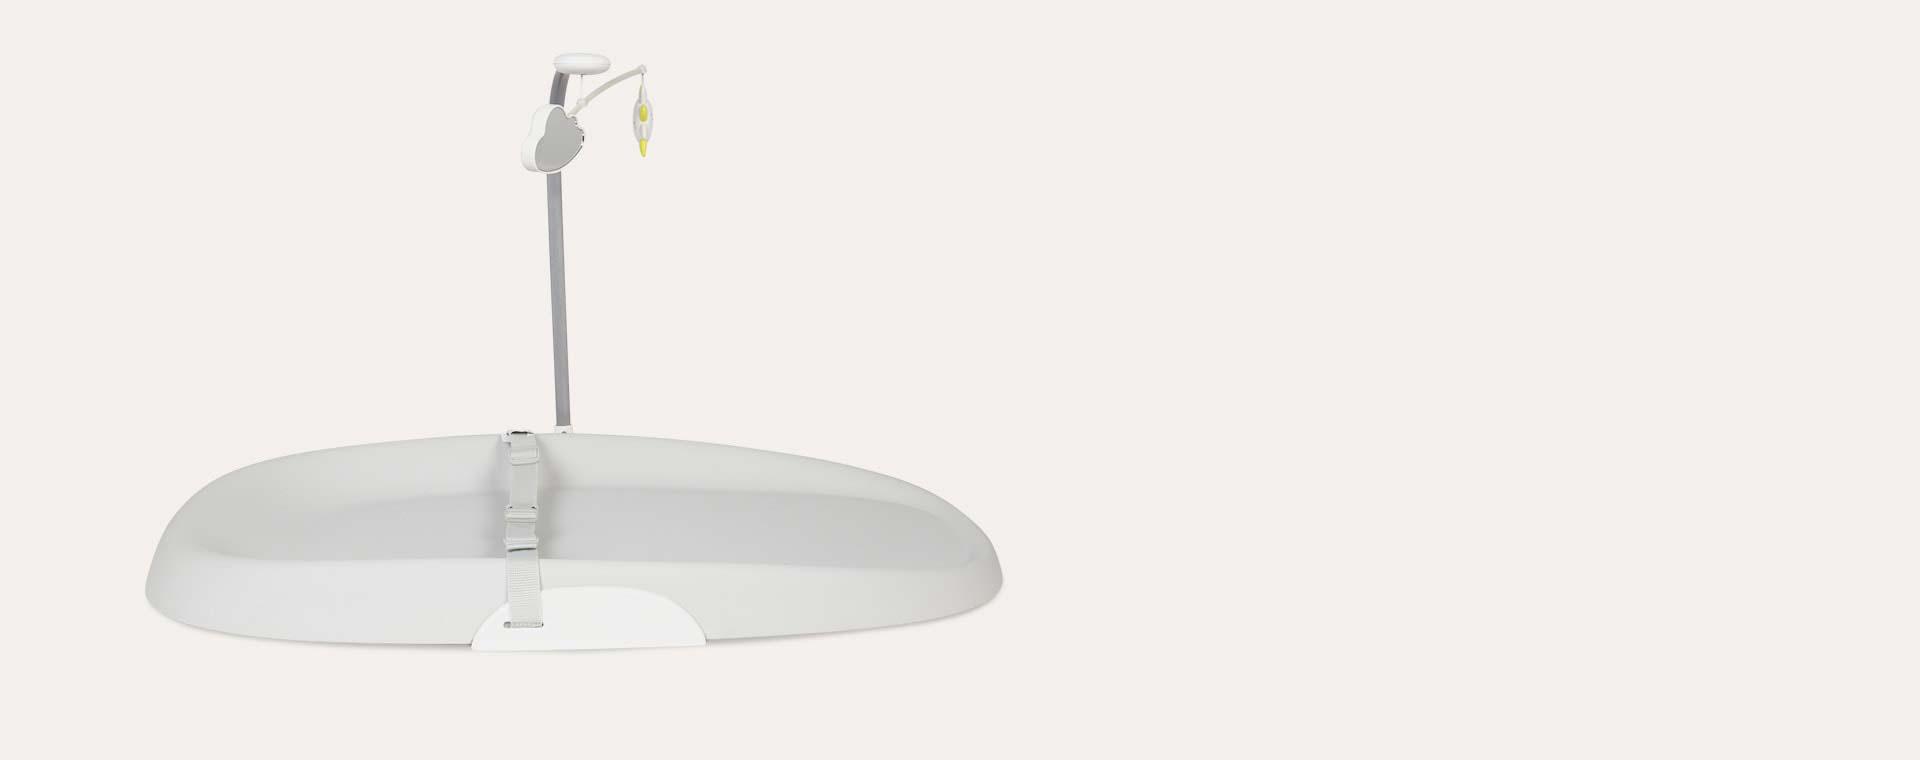 Grey Skip Hop Nursery Style Wipe-Clean Changing Pad